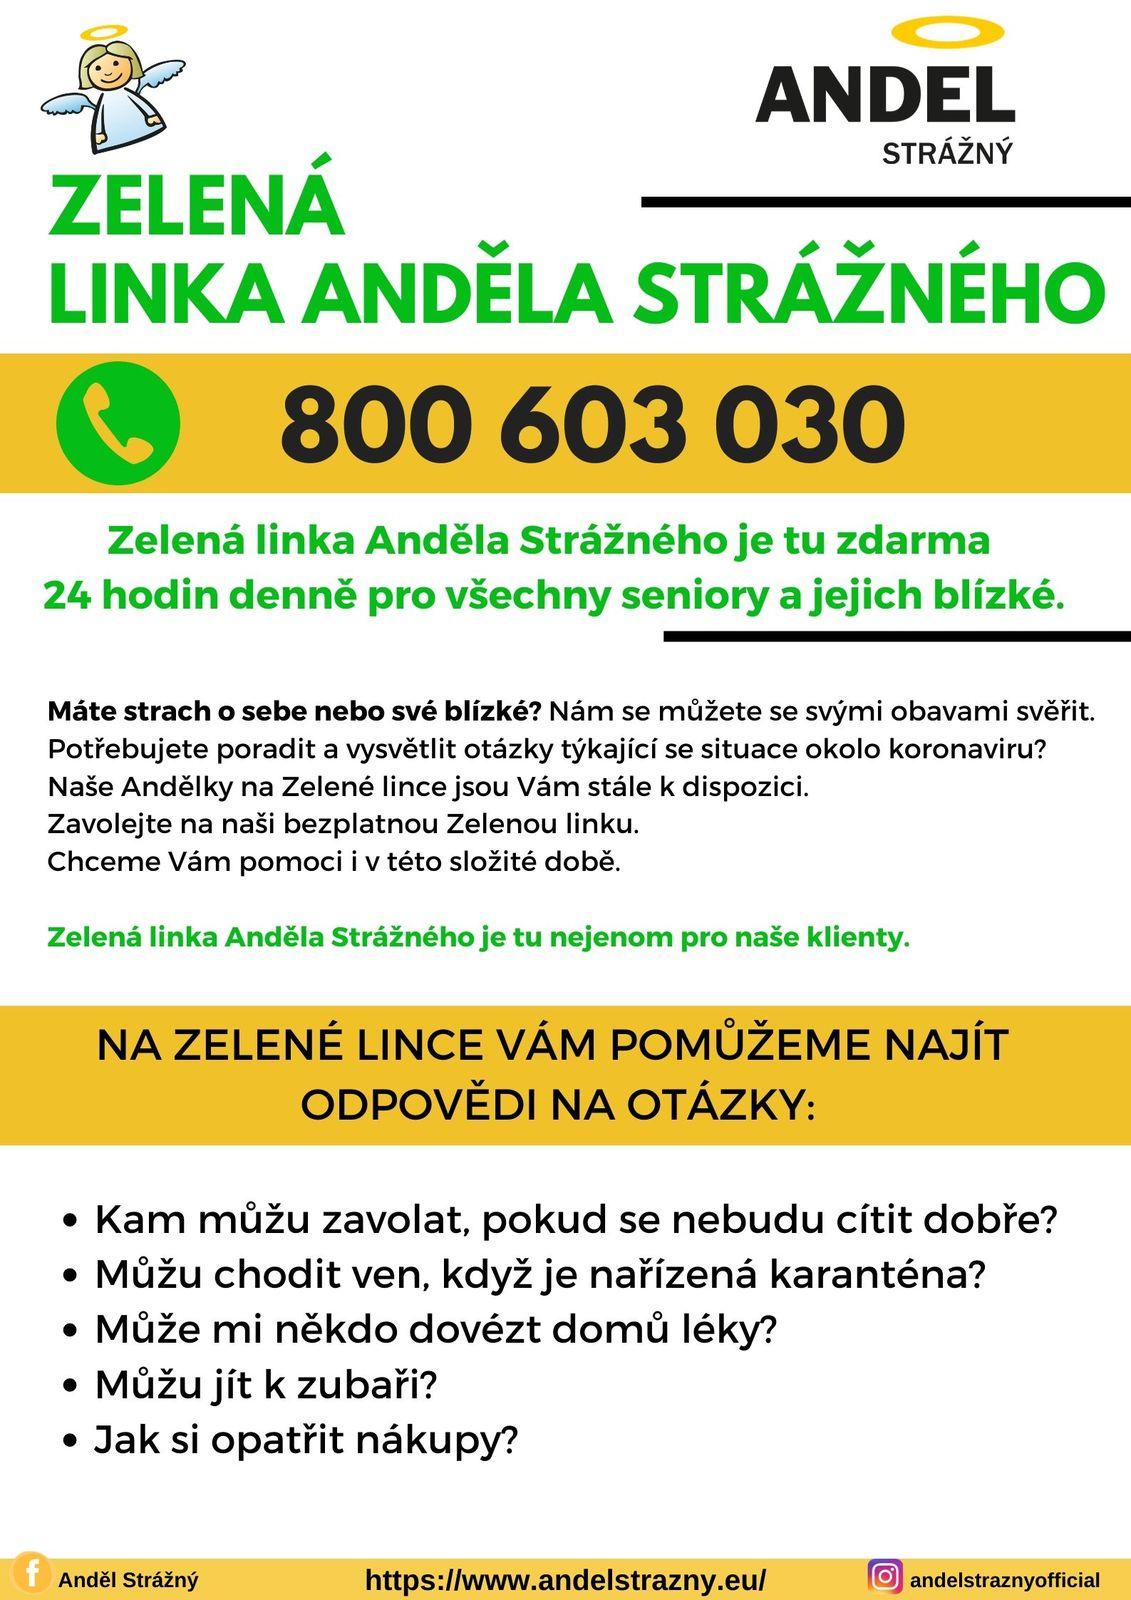 ZELENÁ LINKA ANDĚLA STRÁŽNÉHO 800 603 030.jpg